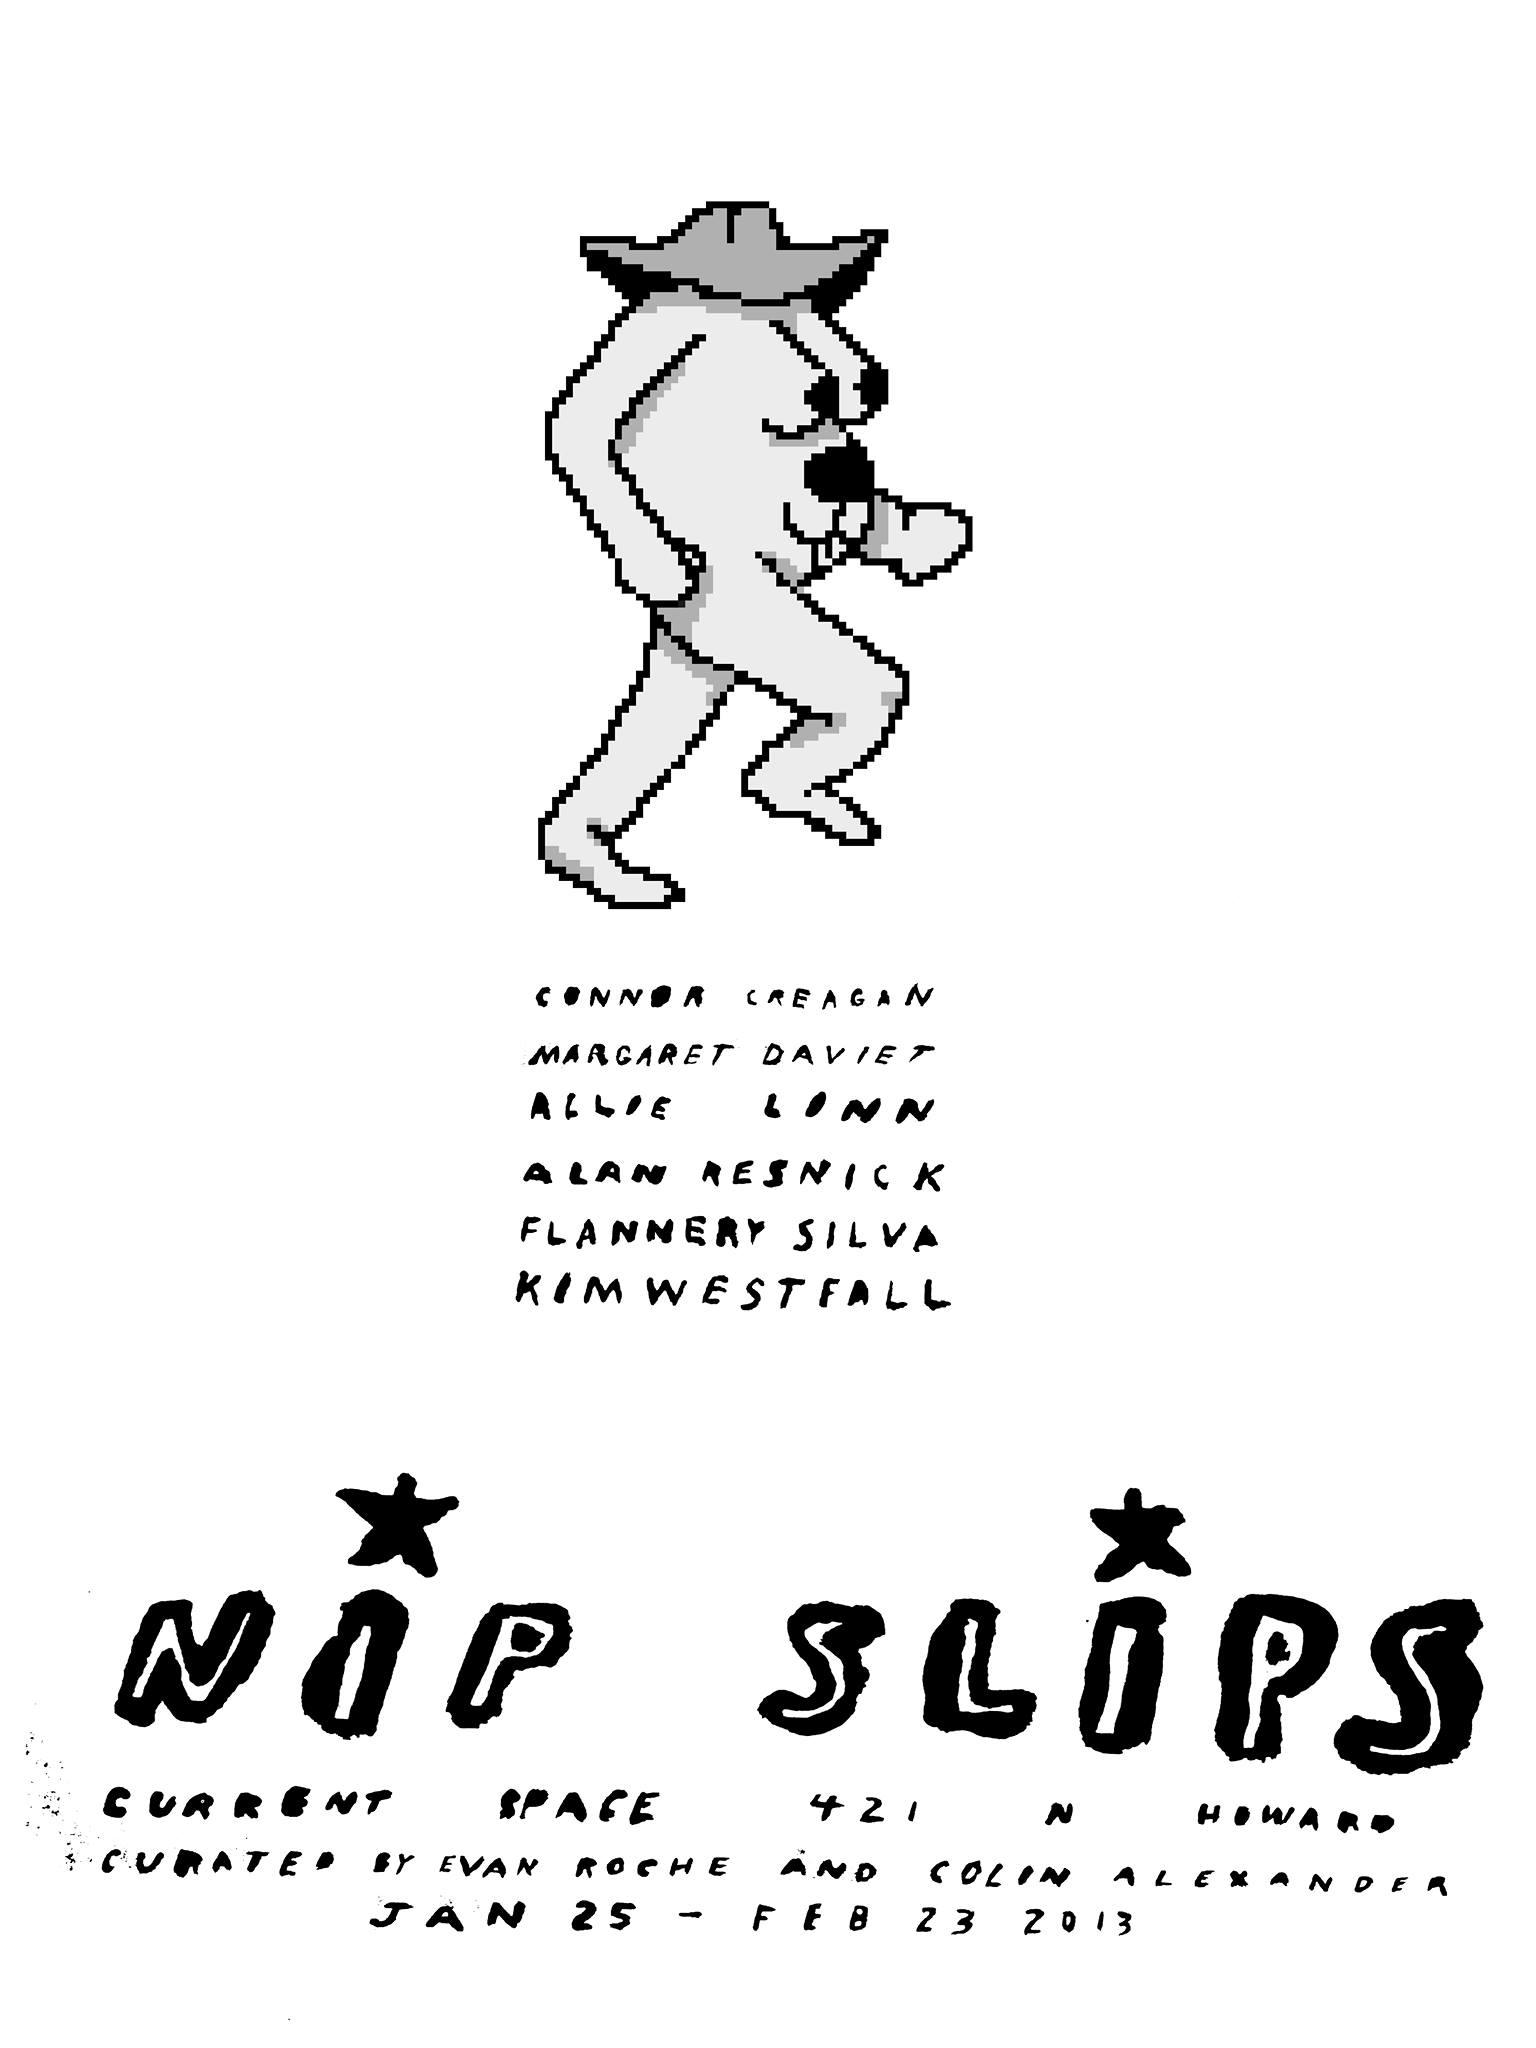 Nip Slips